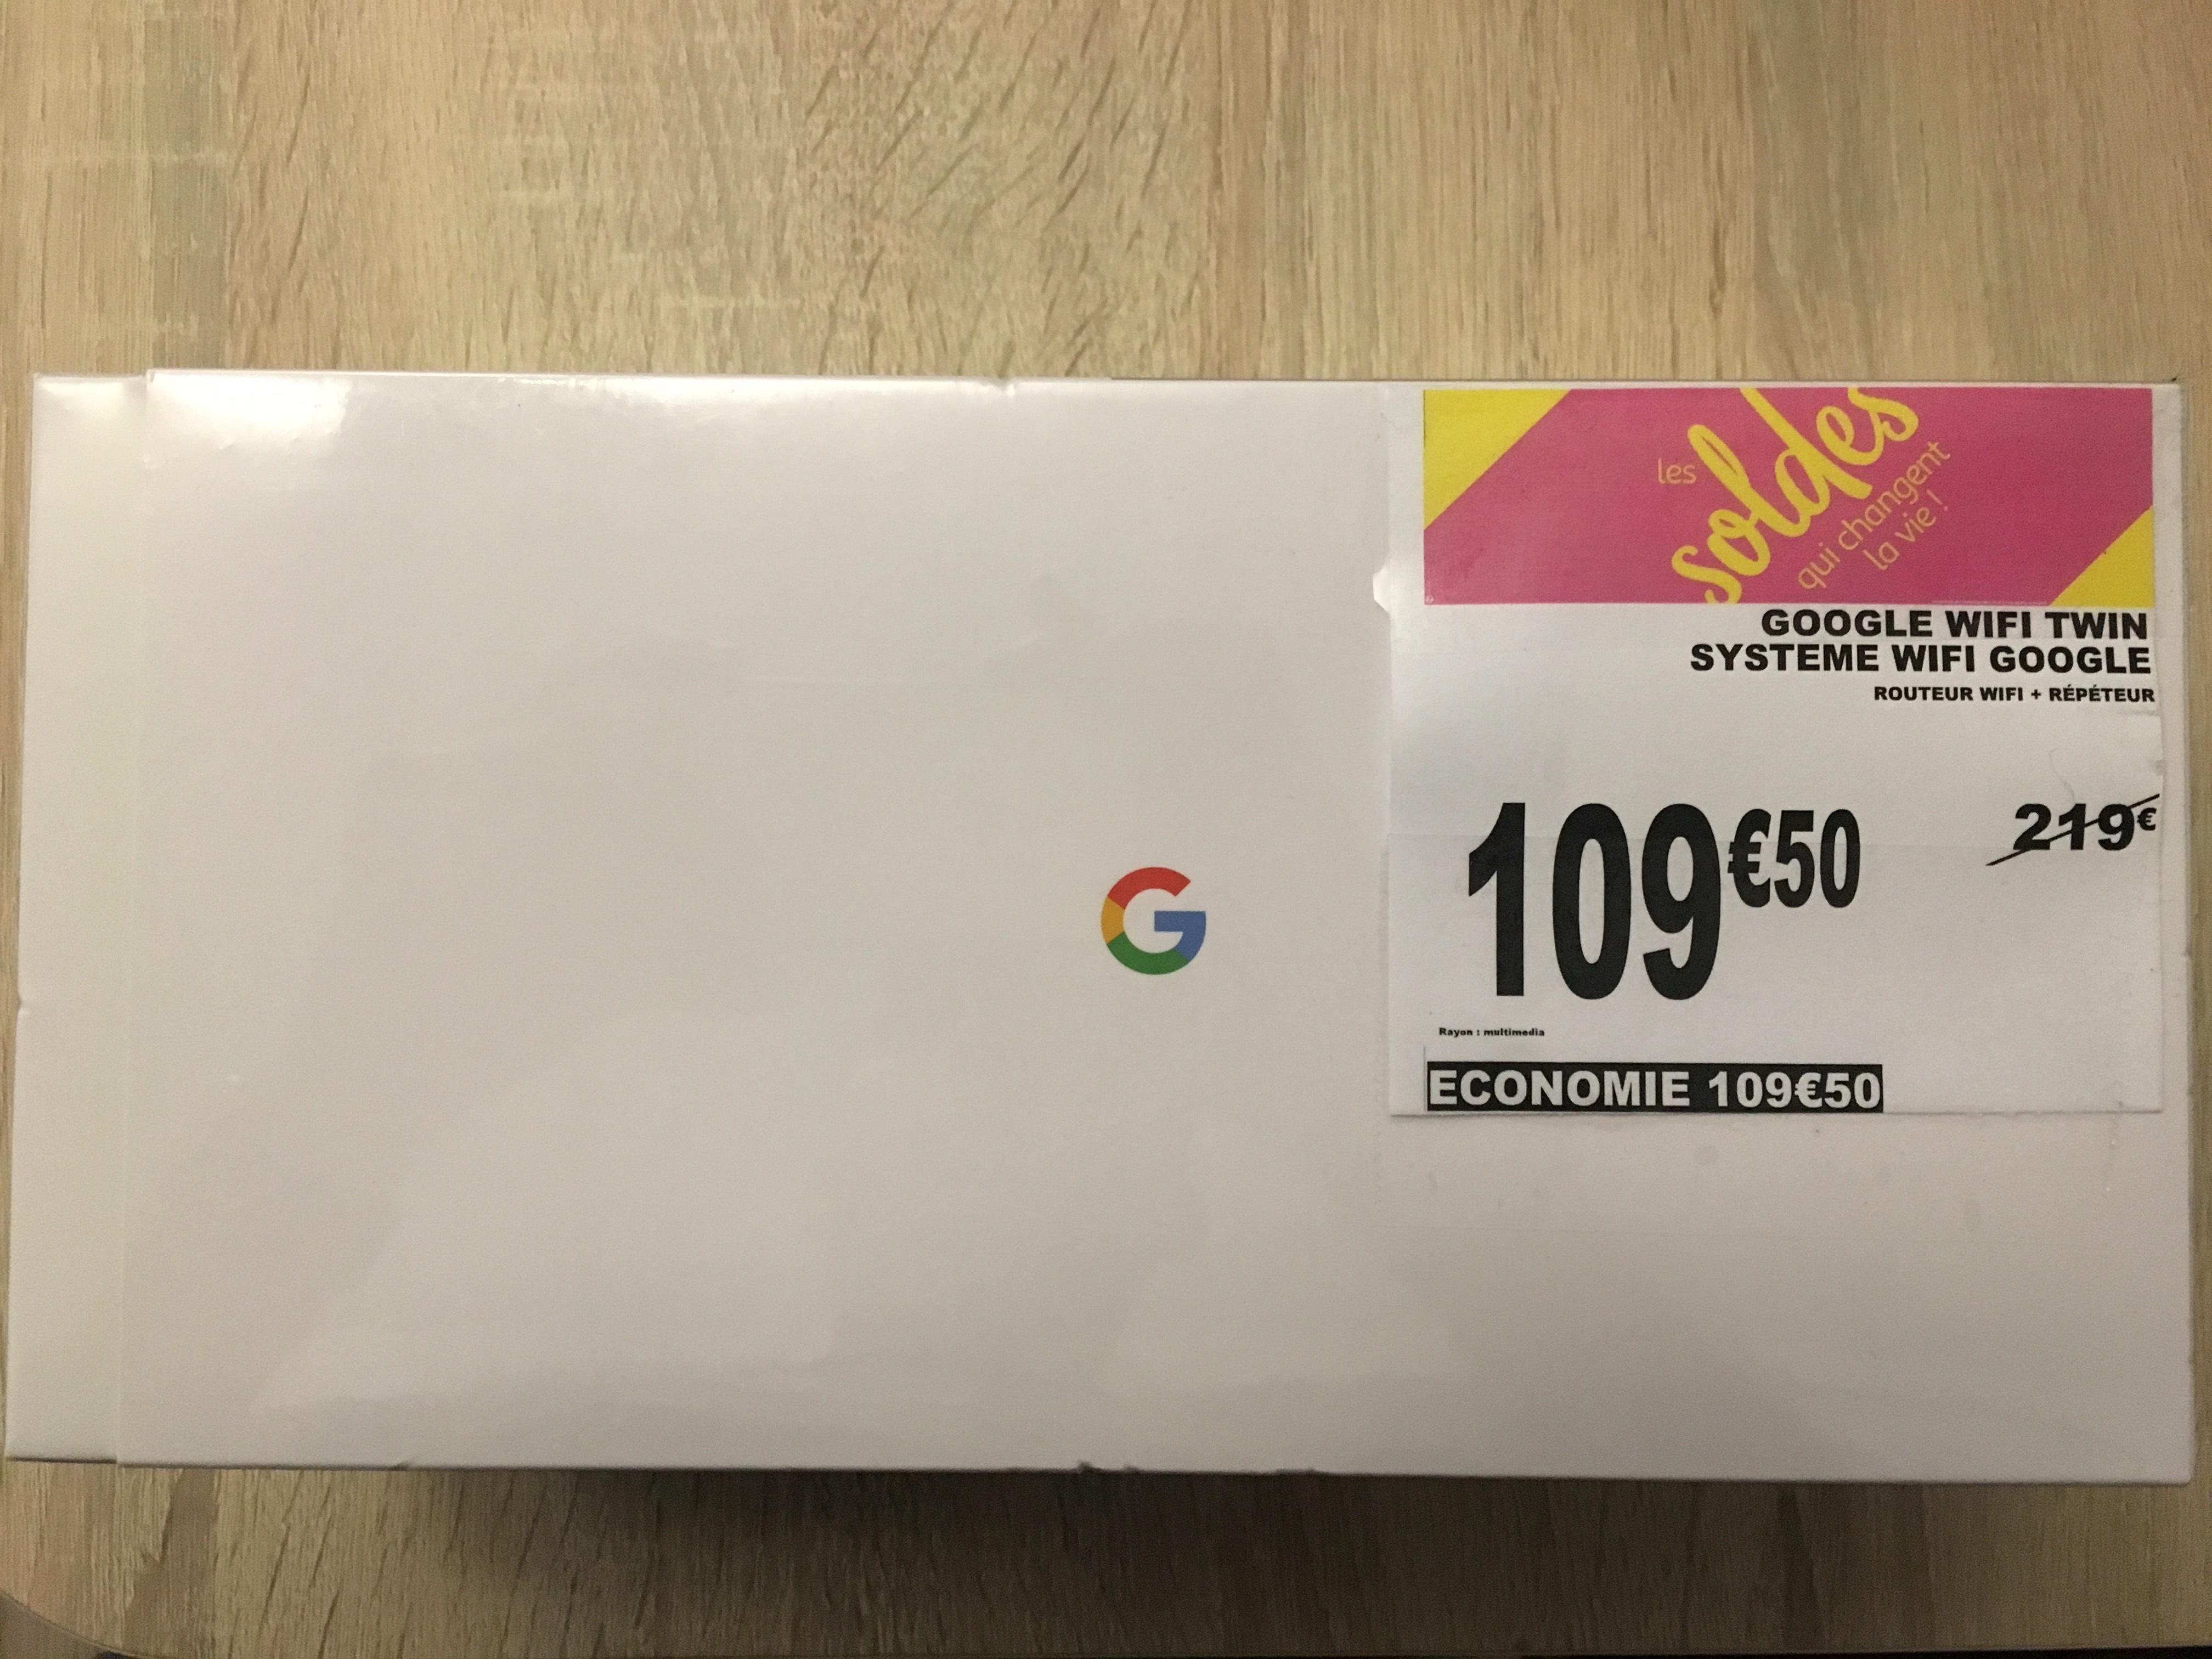 Pack de 2 Routeurs Wi-Fi Google Twin - Martigues (13)